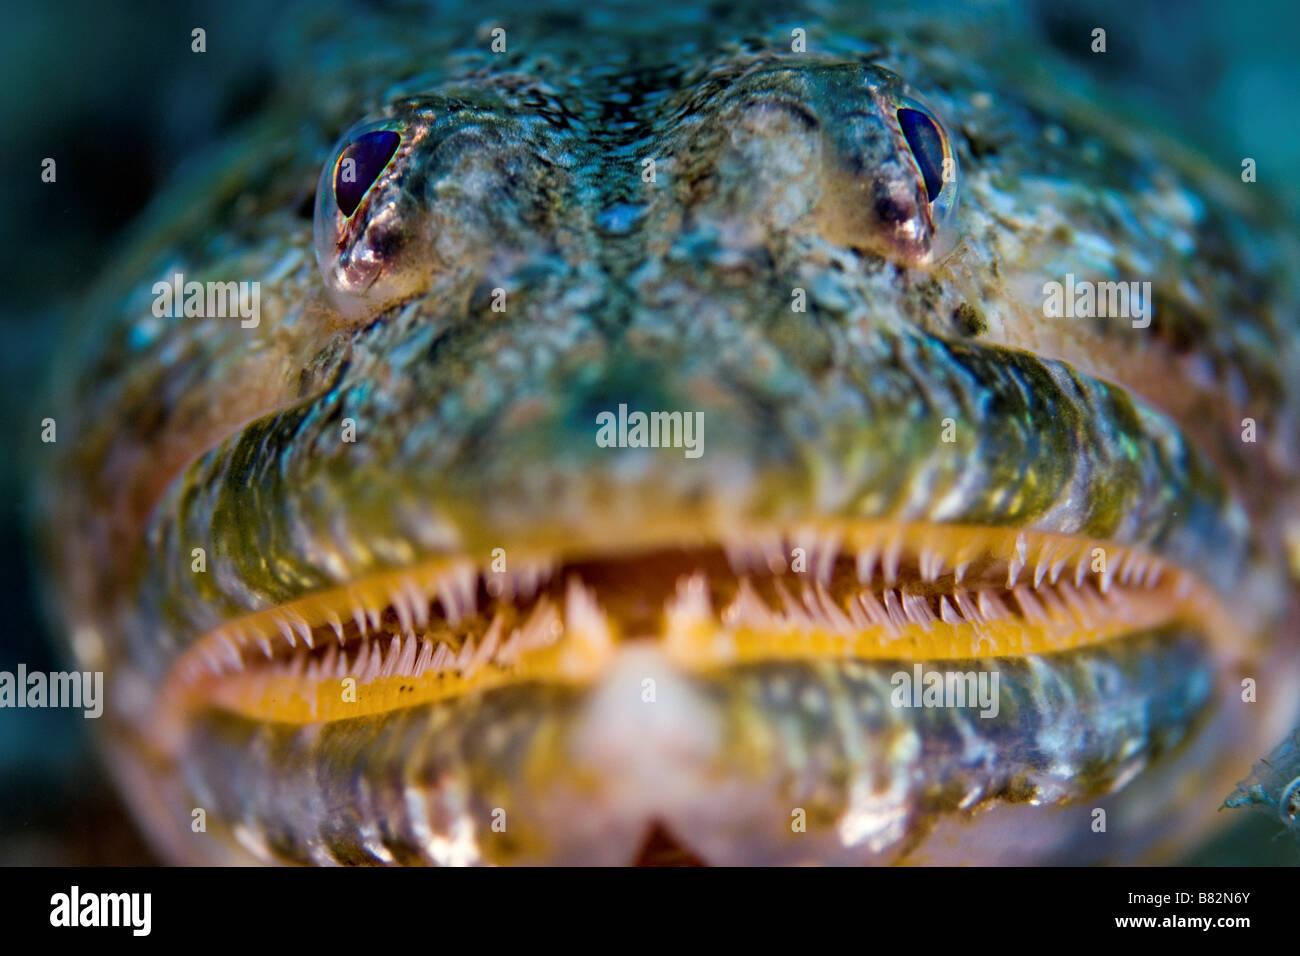 Eidechsenfisch in der Kanarischen Inseln, Zähne, Tauchen, Meer, Meer, Leben im Meer, Leben, Unterwasser, Seefisch, Stockbild